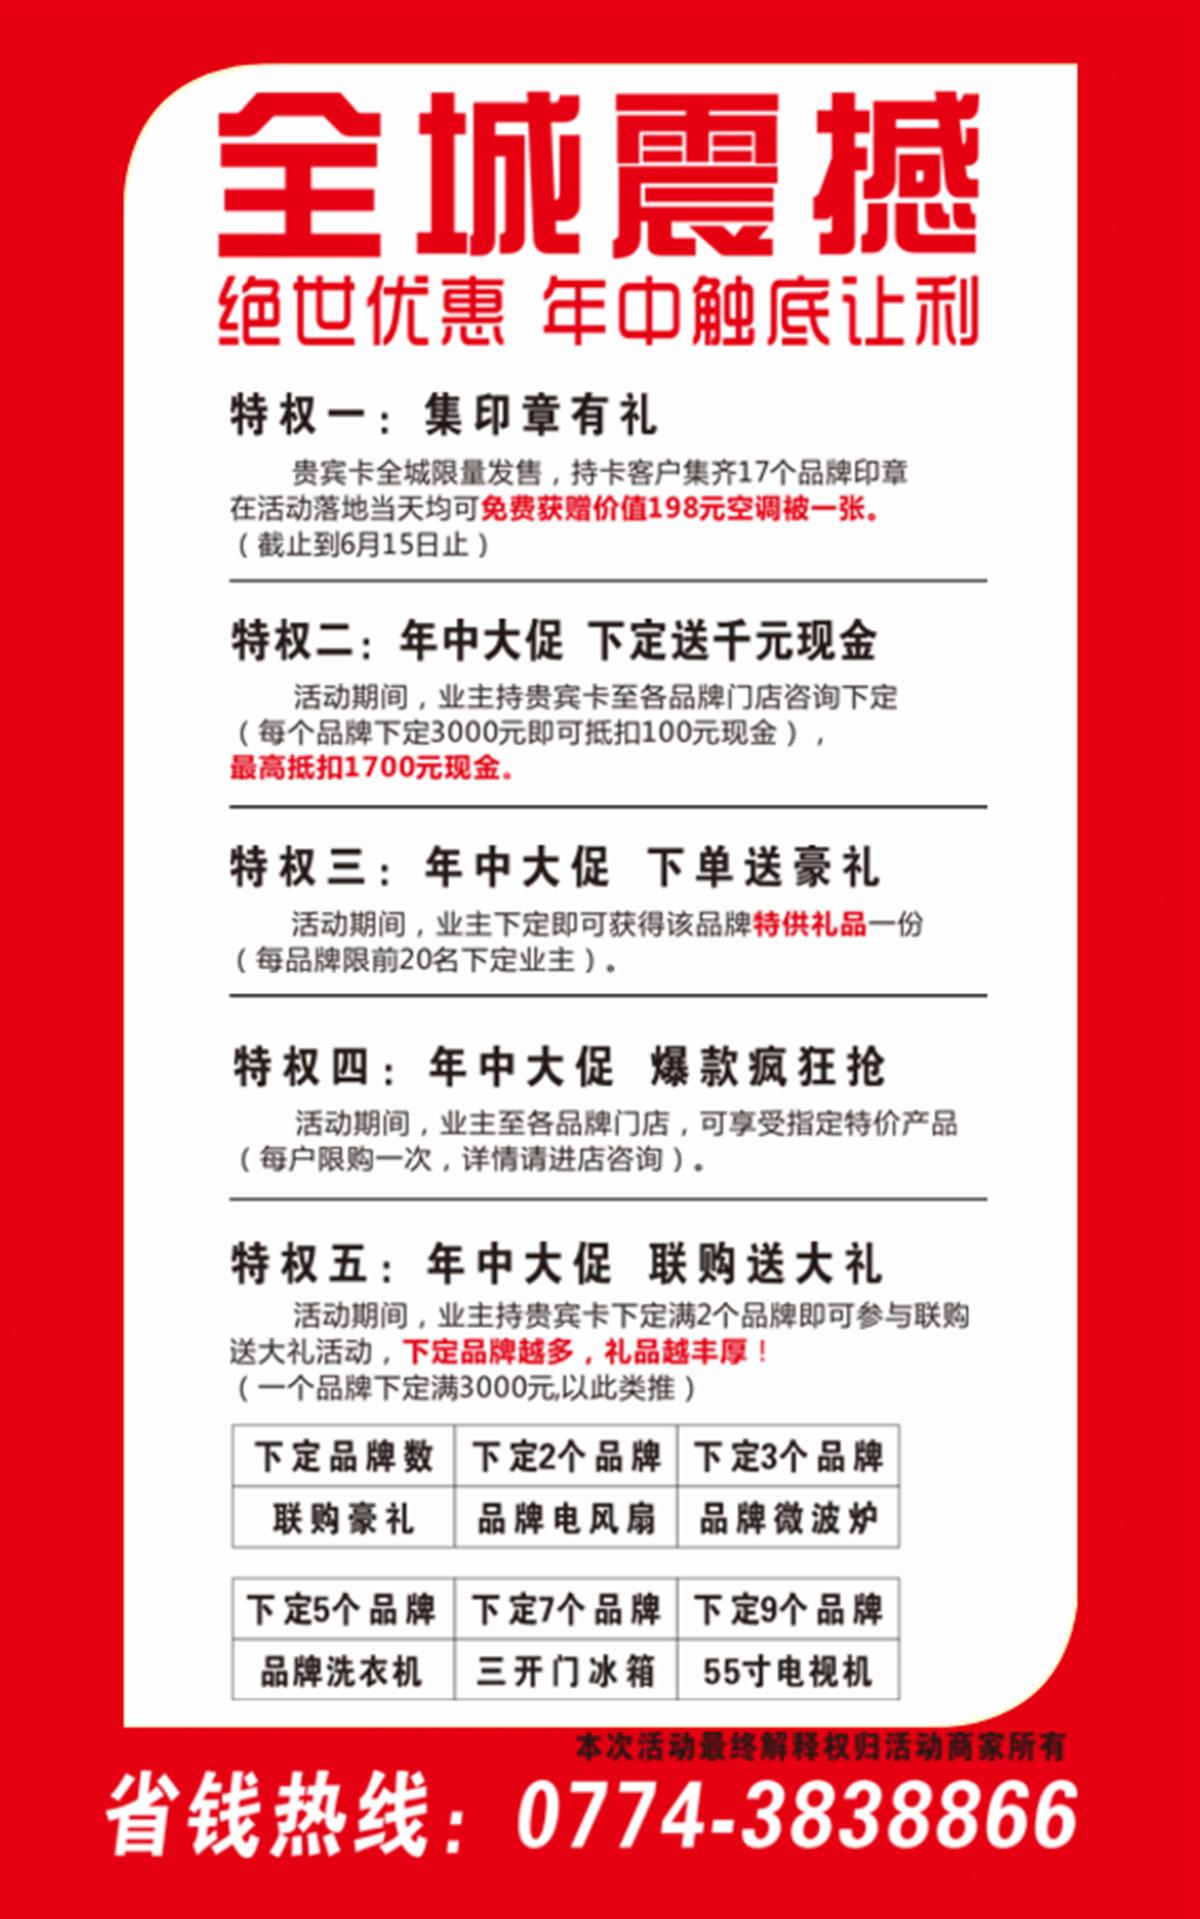 南粤家居建材城十七大品牌年中大促盛典4.png